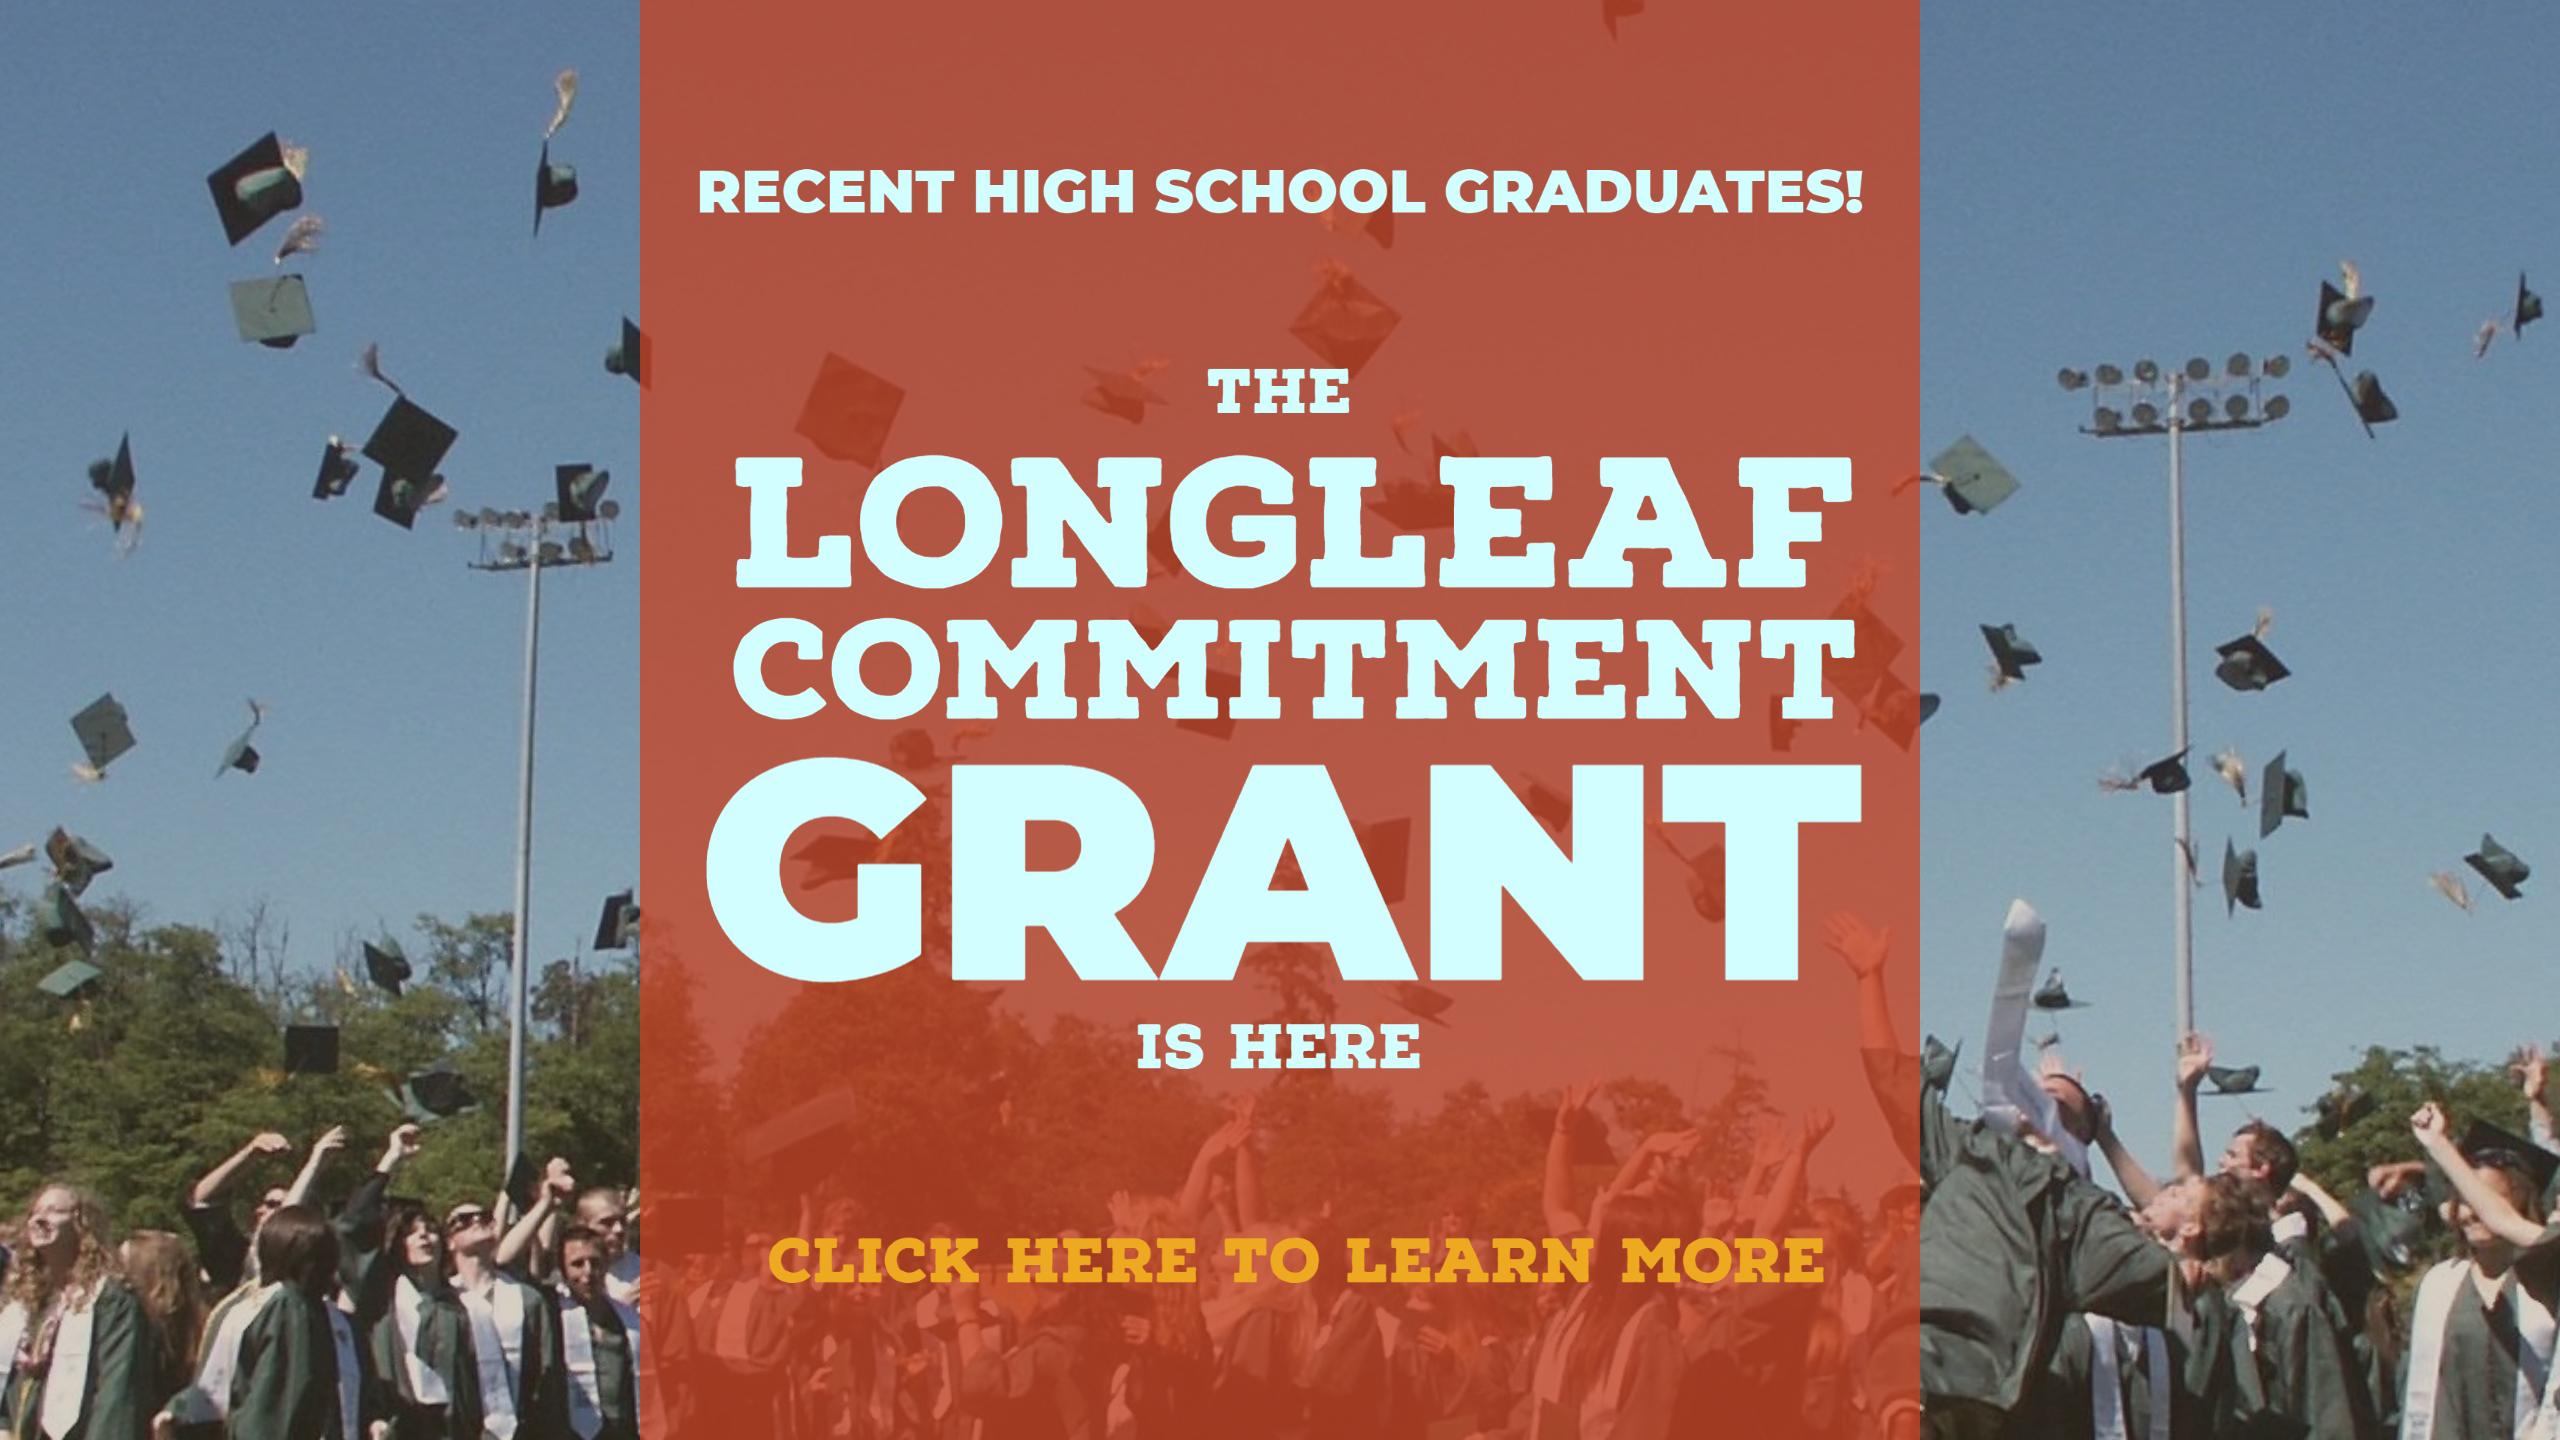 Longleaf Commitment Grant